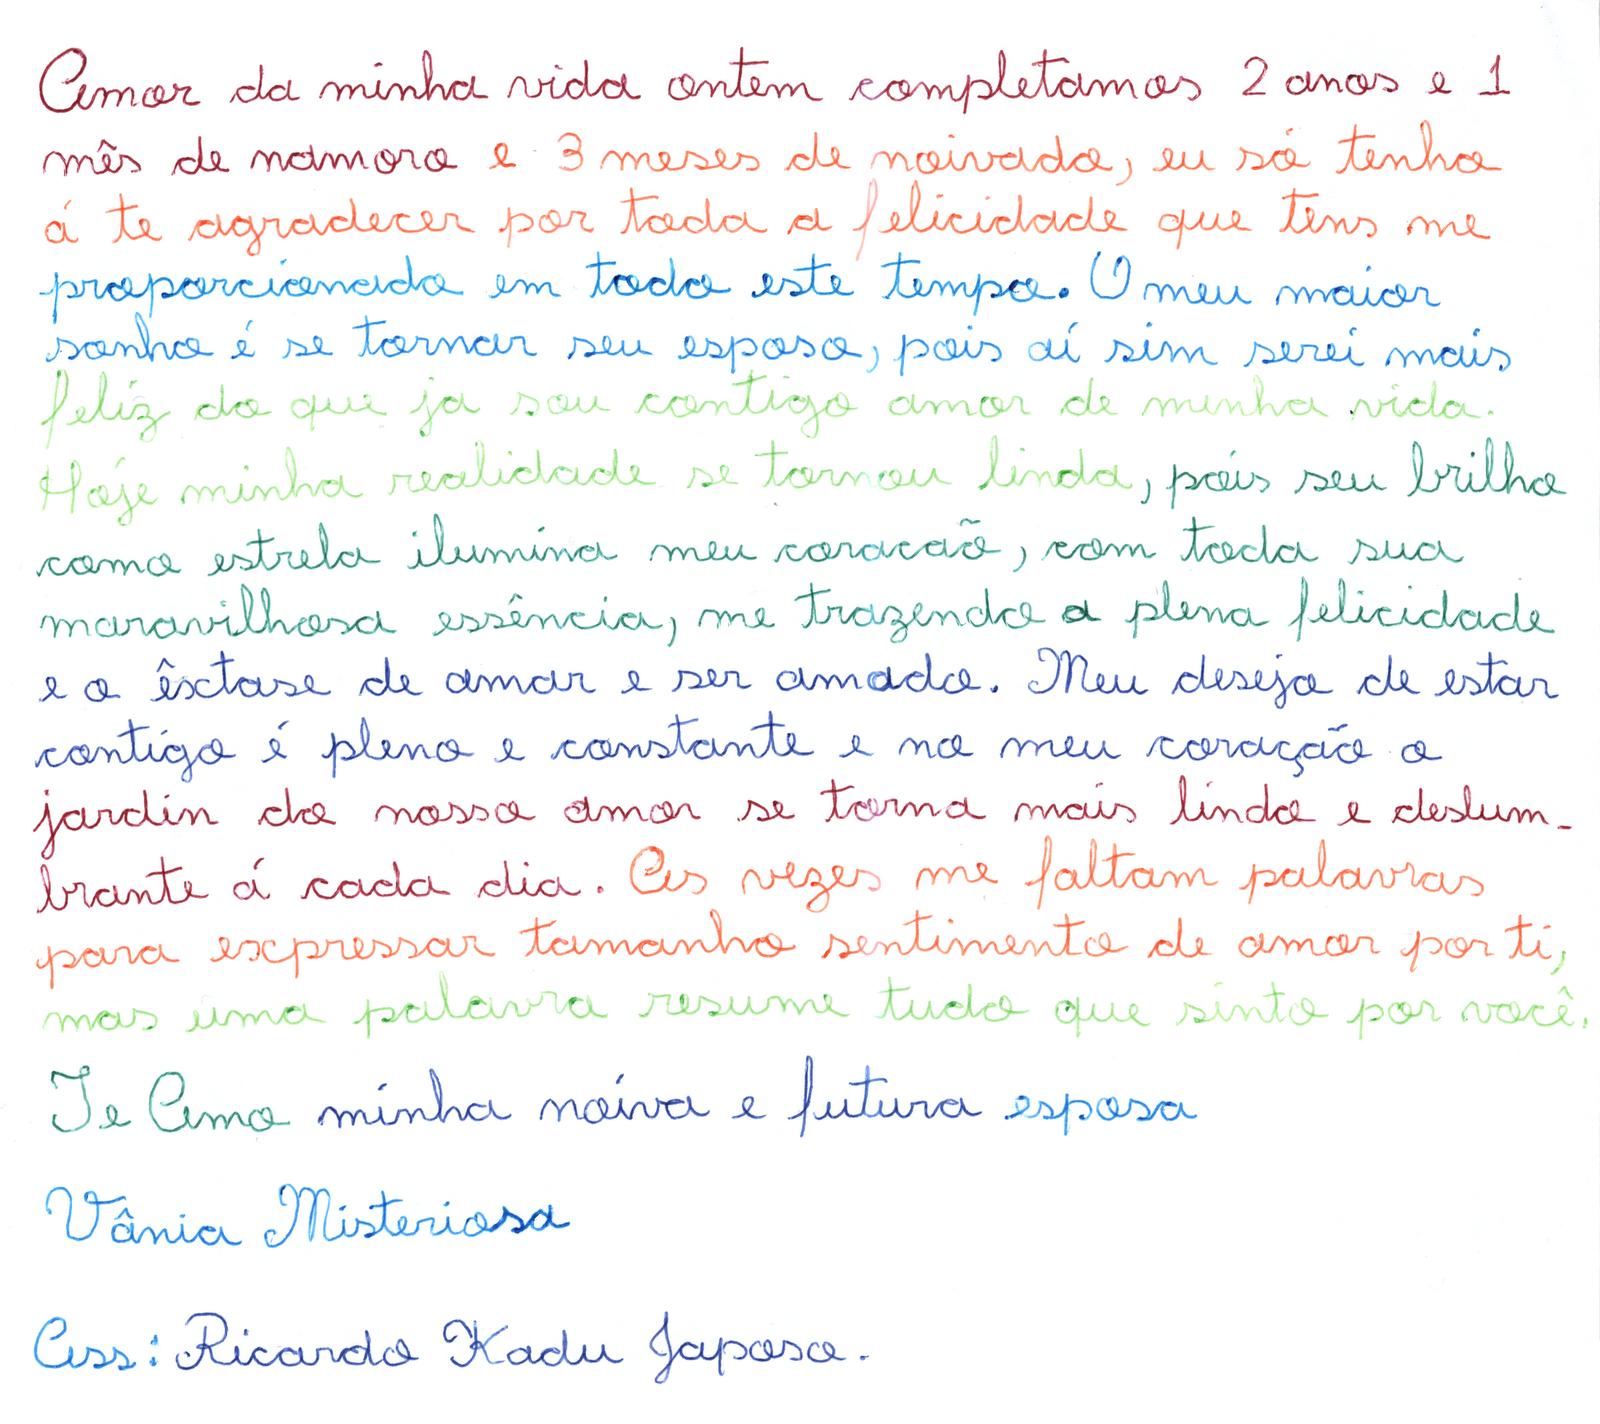 FRASES DE FELIZ CUMPLEAñOS PARA MI SOBRINA|SALUTACIONES DE